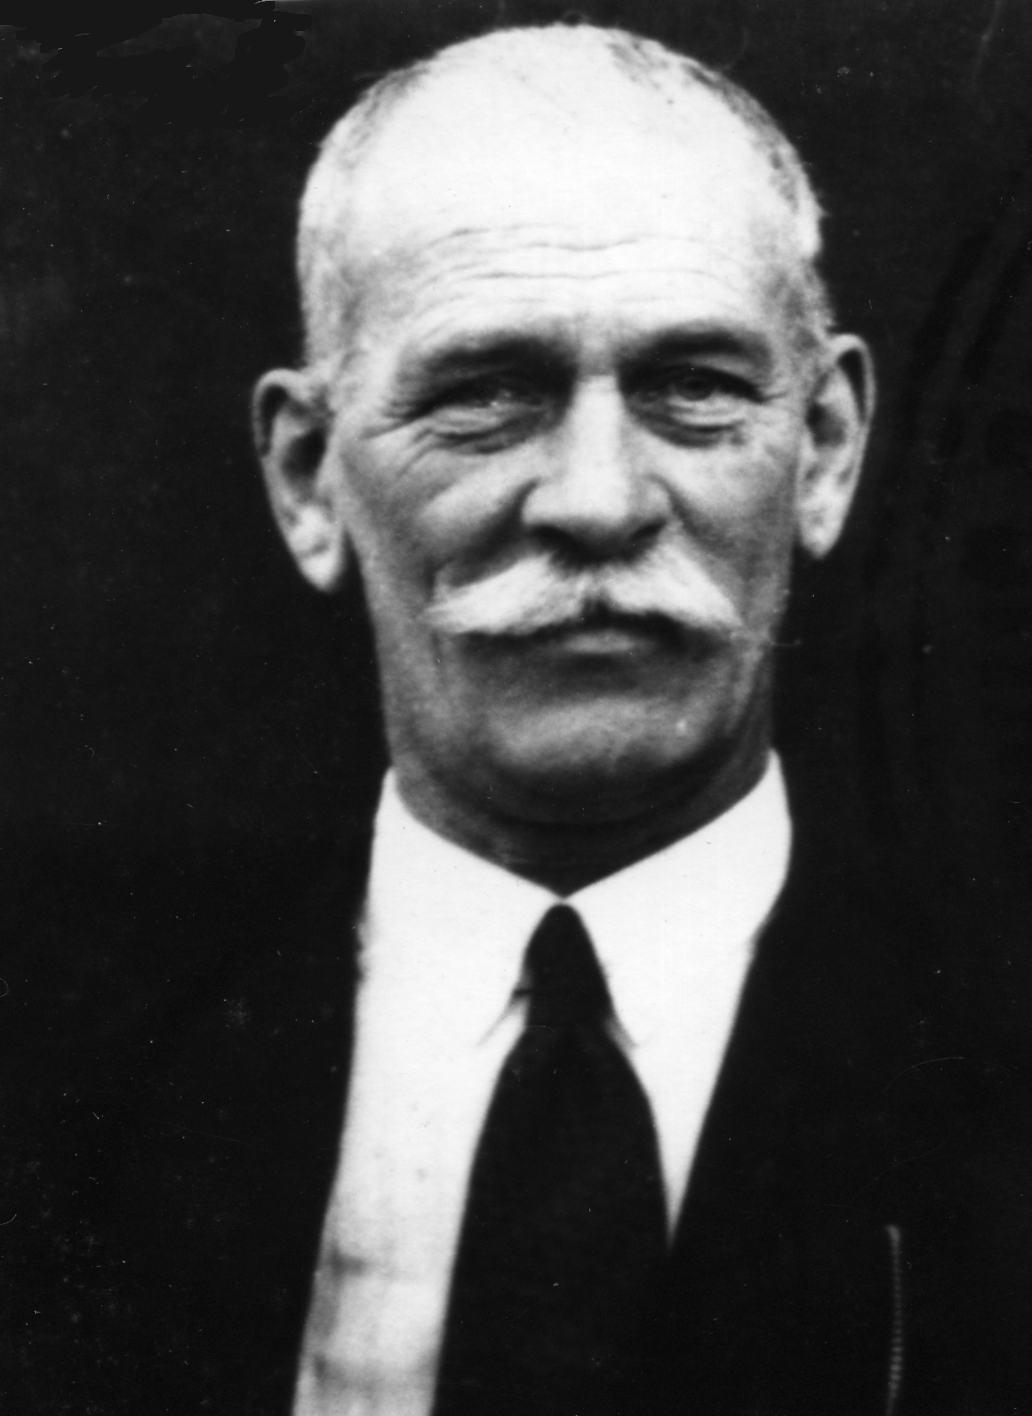 Фридрих Тейле, 30-е гг. ХХ в.